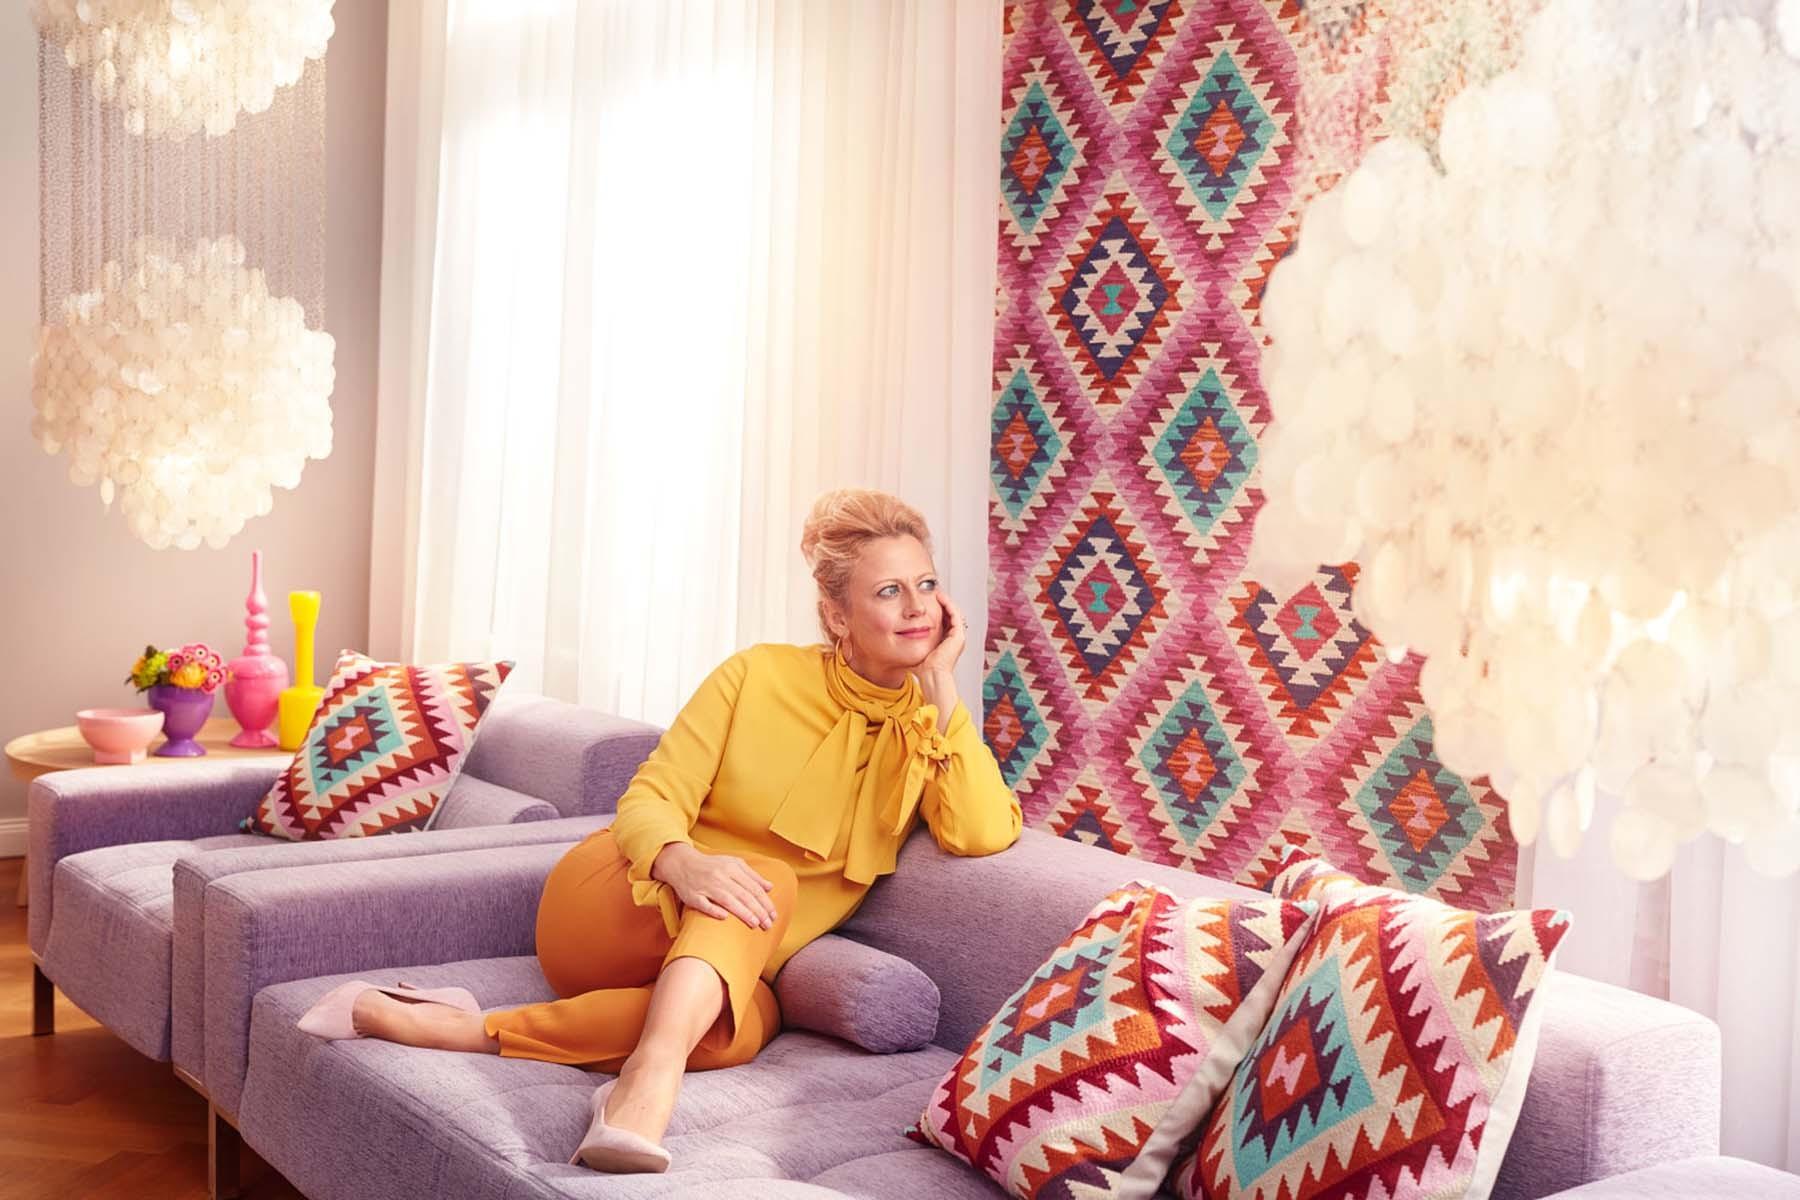 tapete rasch 528220 kostenloser versand rechnungskauf. Black Bedroom Furniture Sets. Home Design Ideas